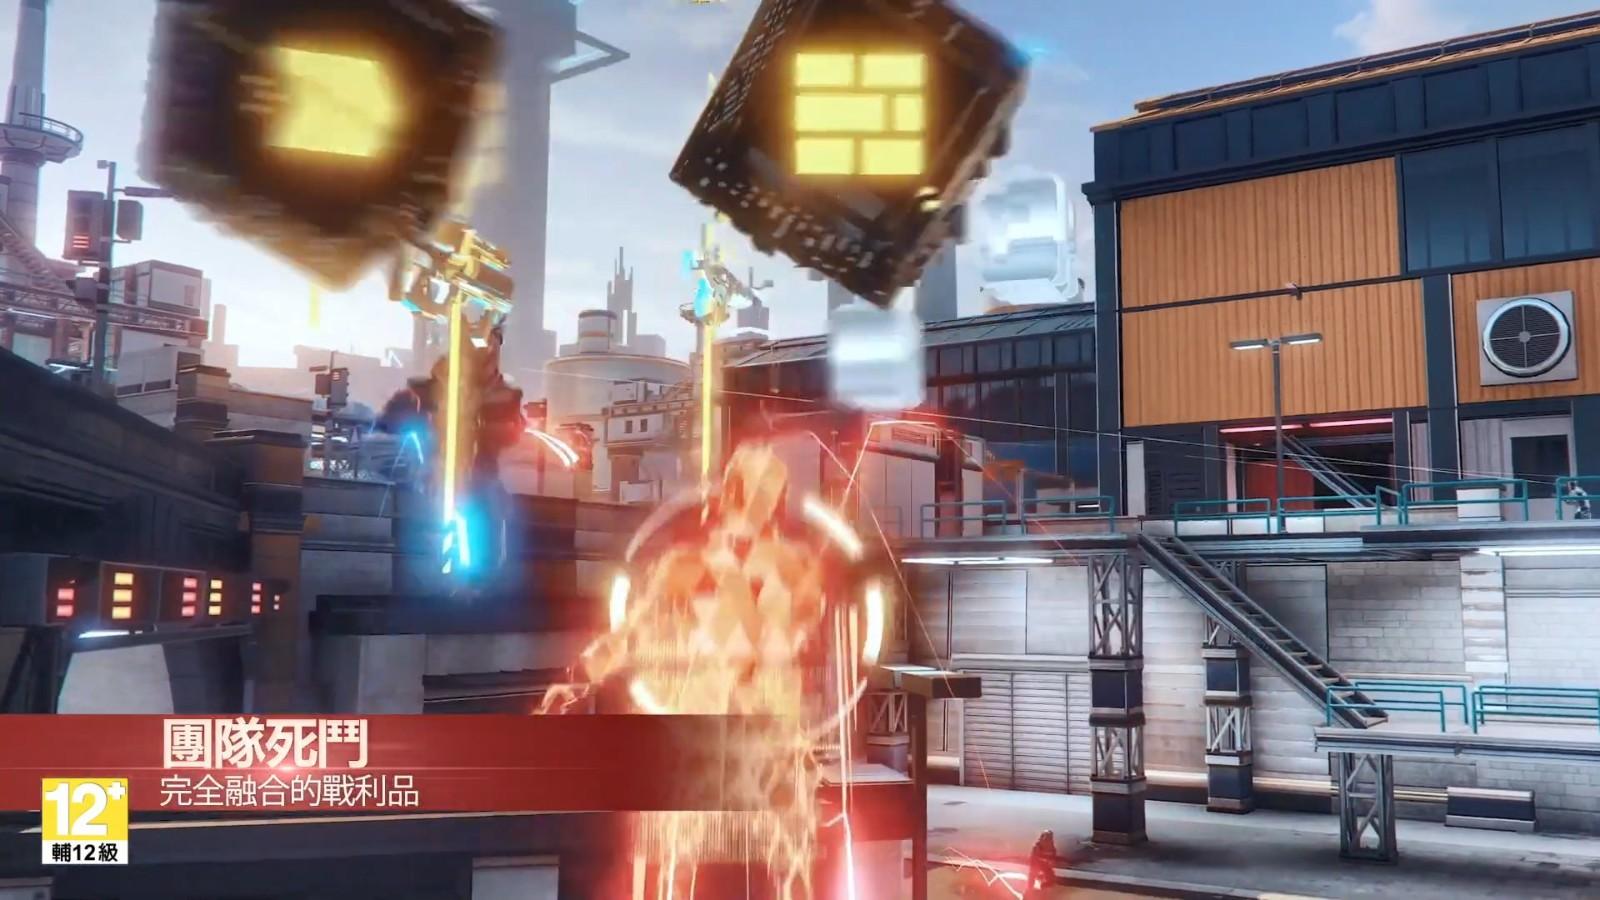 《超猎都市》第三赛季现已上线 神秘触手现身阿卡迪亚